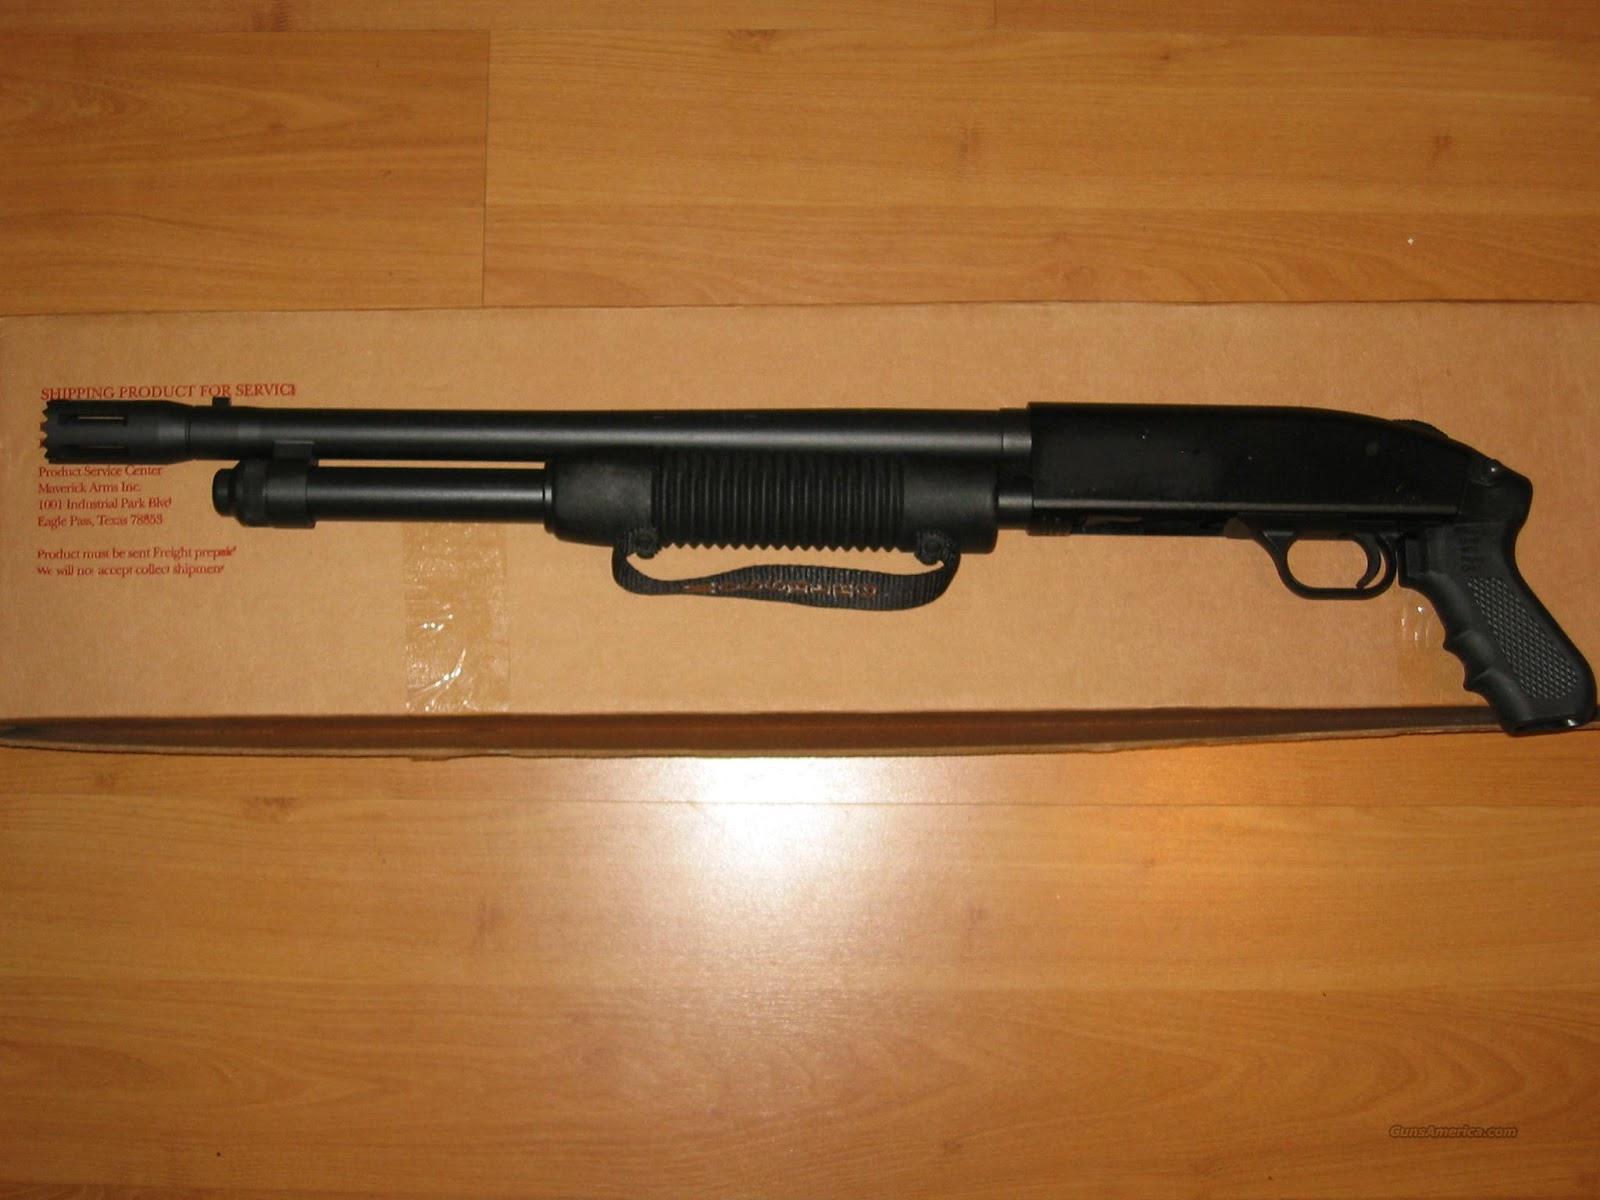 mossberg 500 tactical persuader - Mossberg 500 Tactical Persuader Pump Action Shotgun 12 Gauge